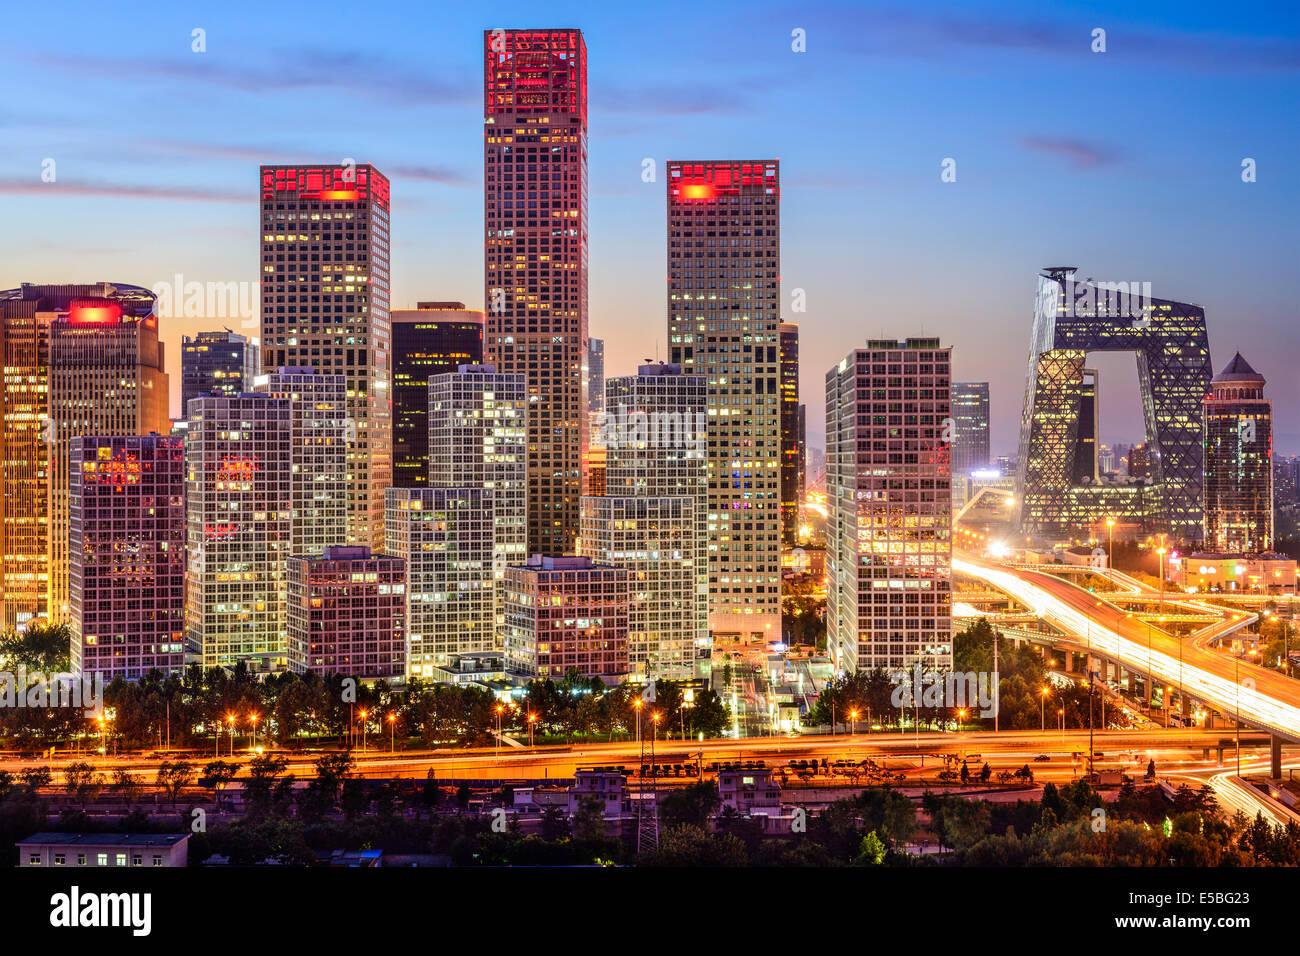 Beijing, China skyline en el distrito central de negocios. Imagen De Stock